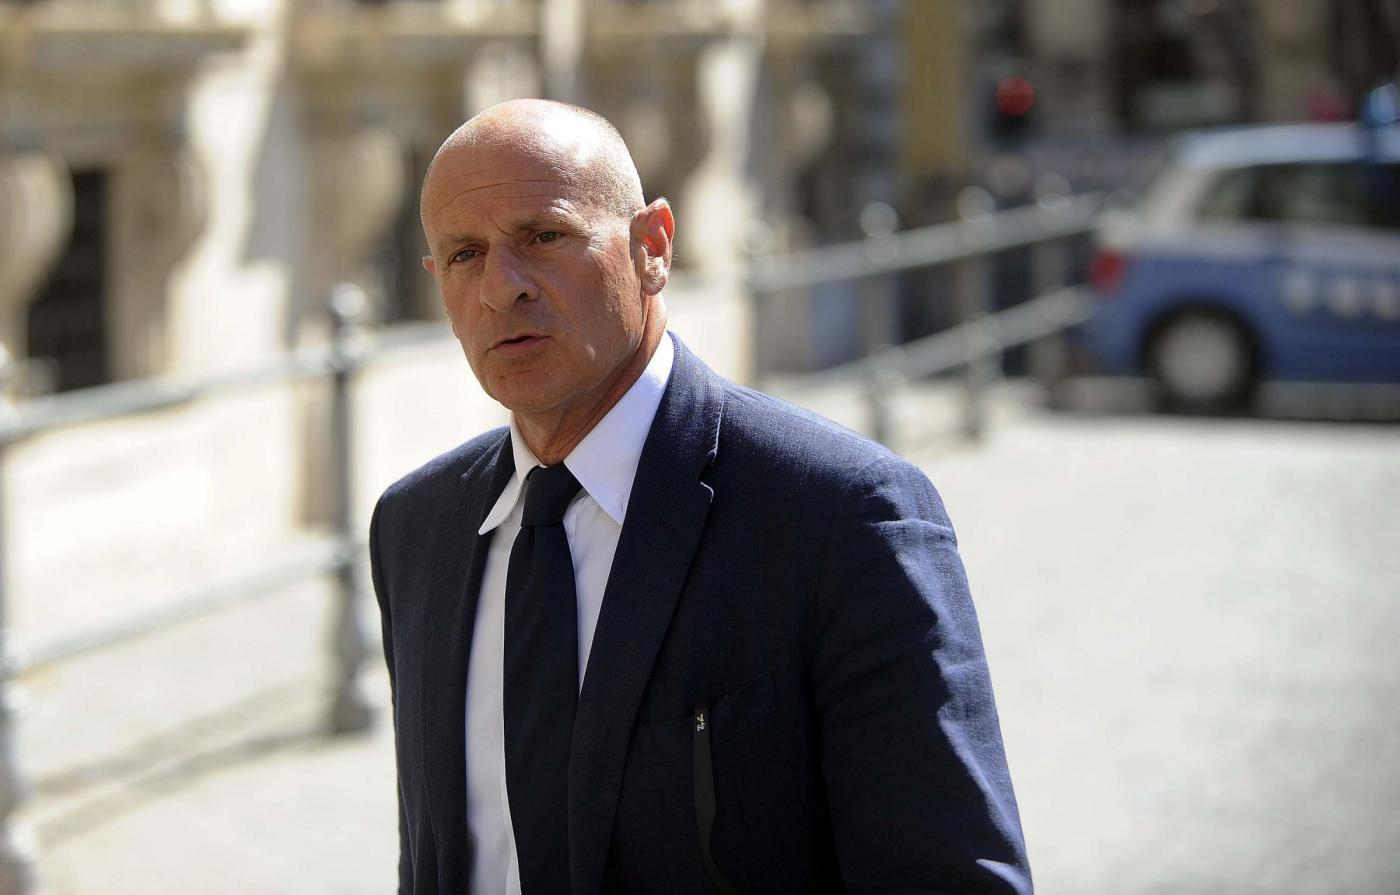 Verso le regionali: il centrodestra sceglie Fabio Rampelli (Fdi) come candidato Presidente, ma poi litiga e tutto salta